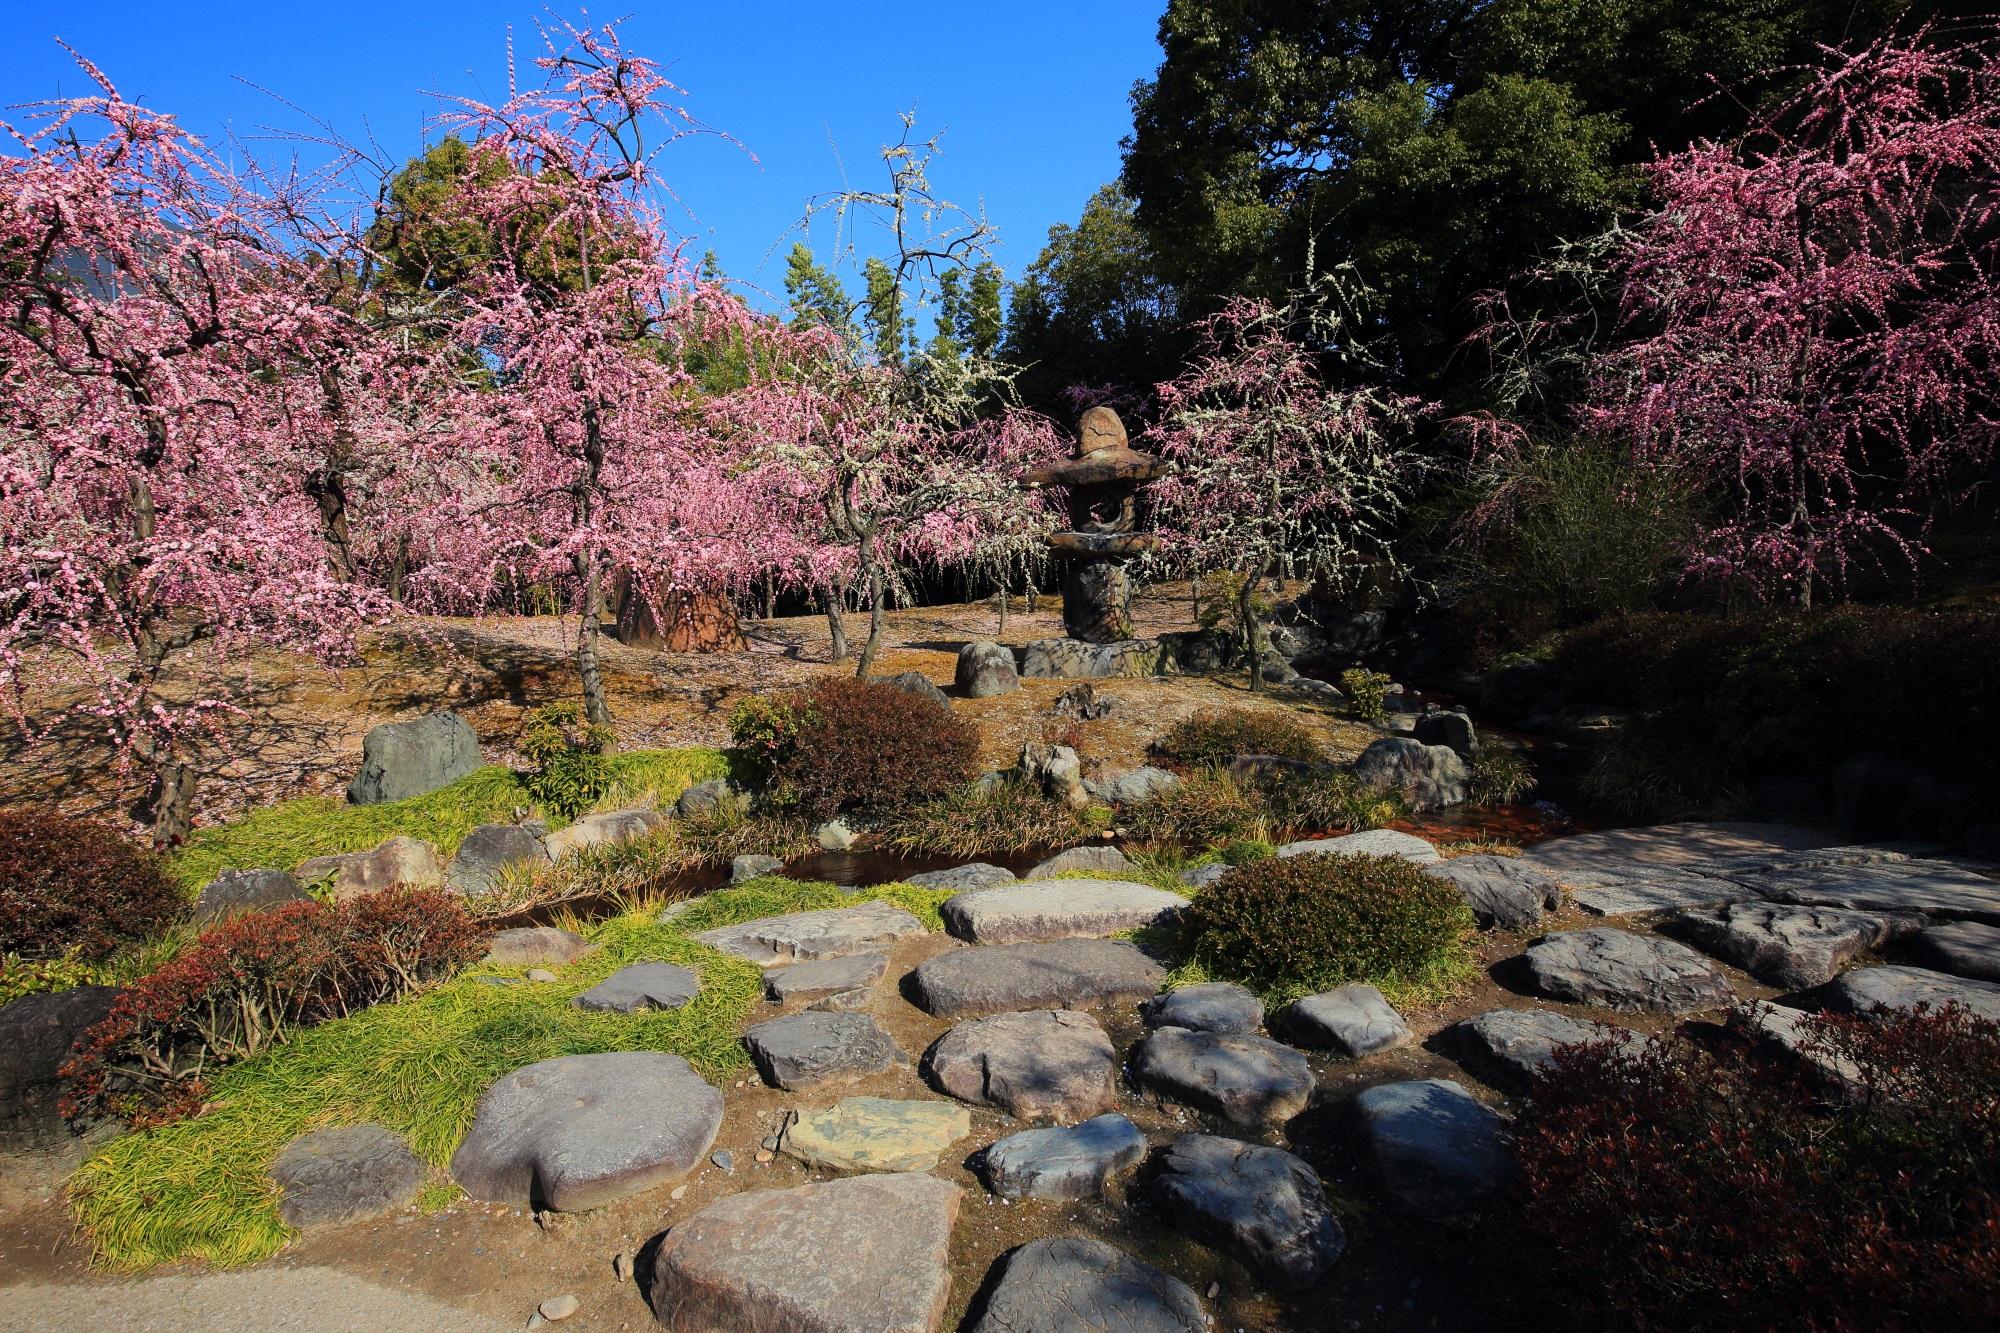 中央に少し変わった形の燈籠が建つ神苑の「春の山」